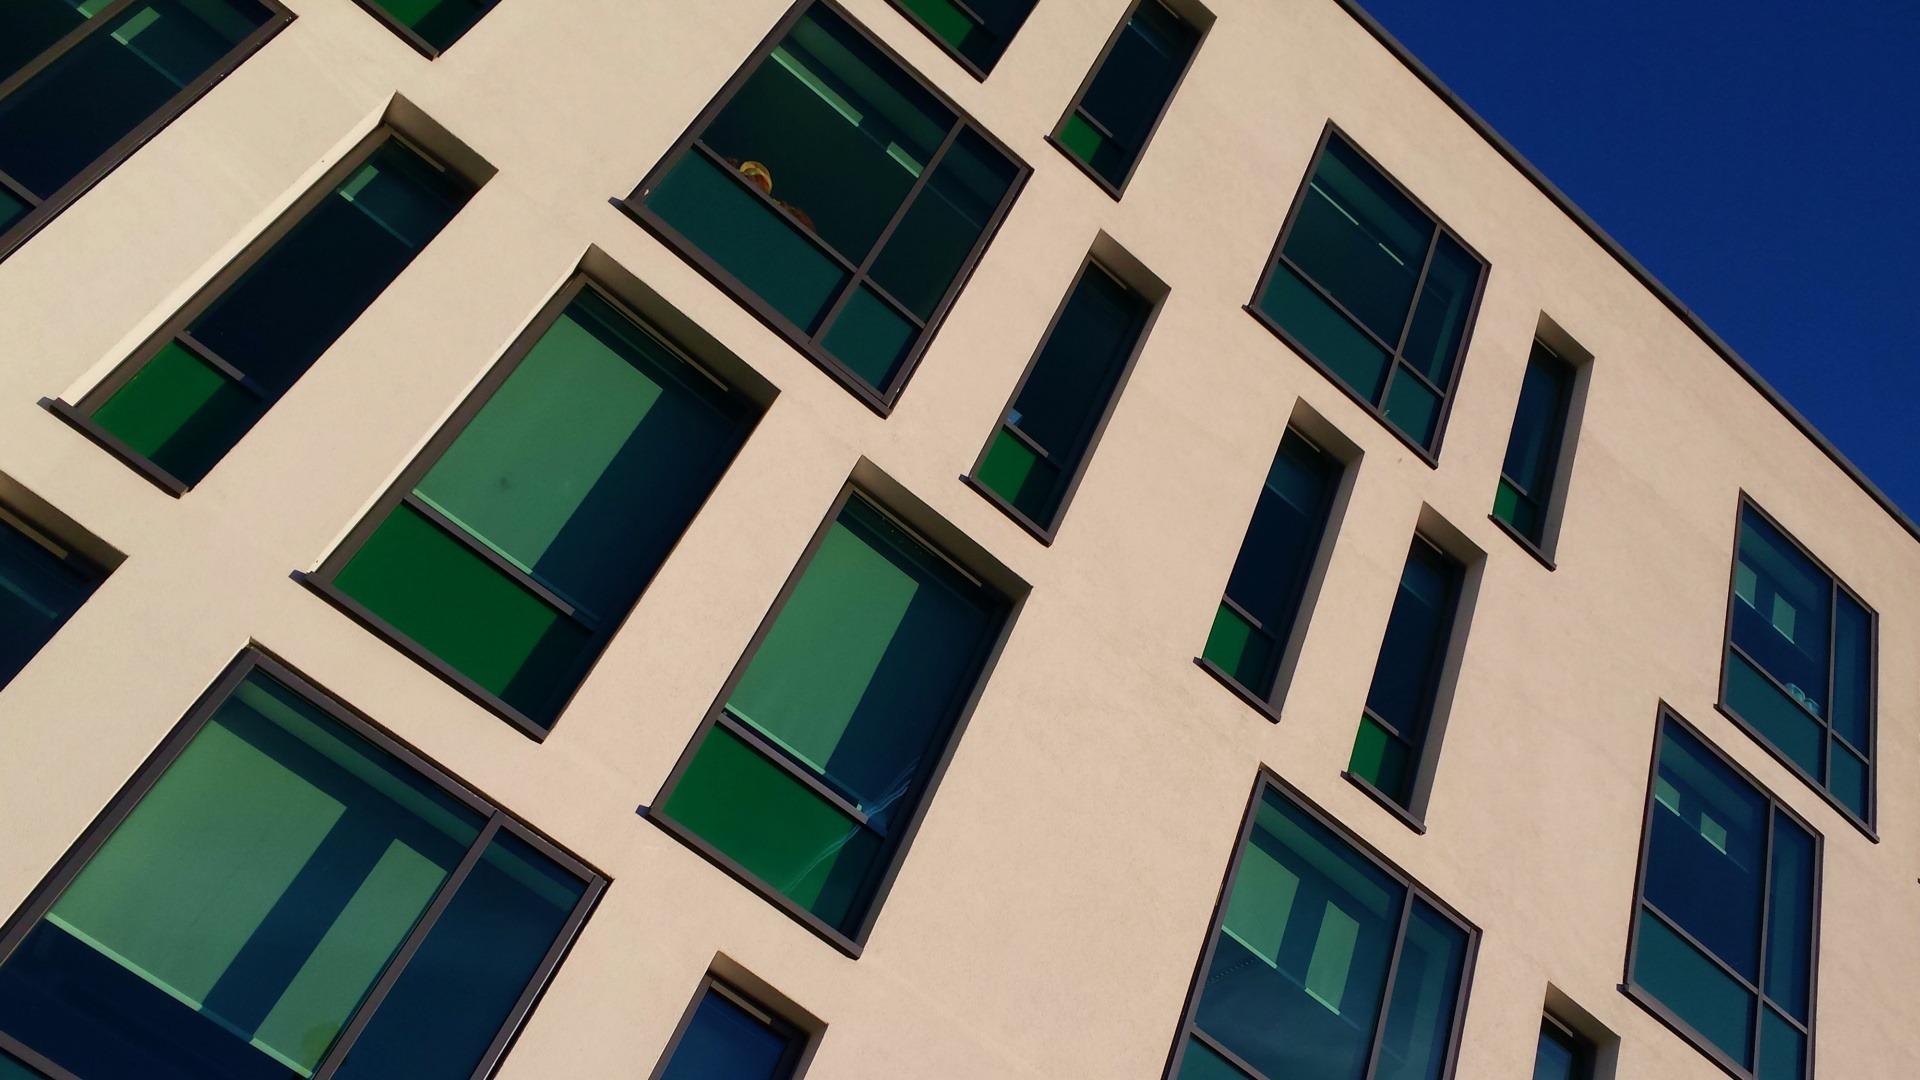 Применение тепловых насосов MYCOND серии Arctic Home для отопления офисных помещений в многоквартирном доме